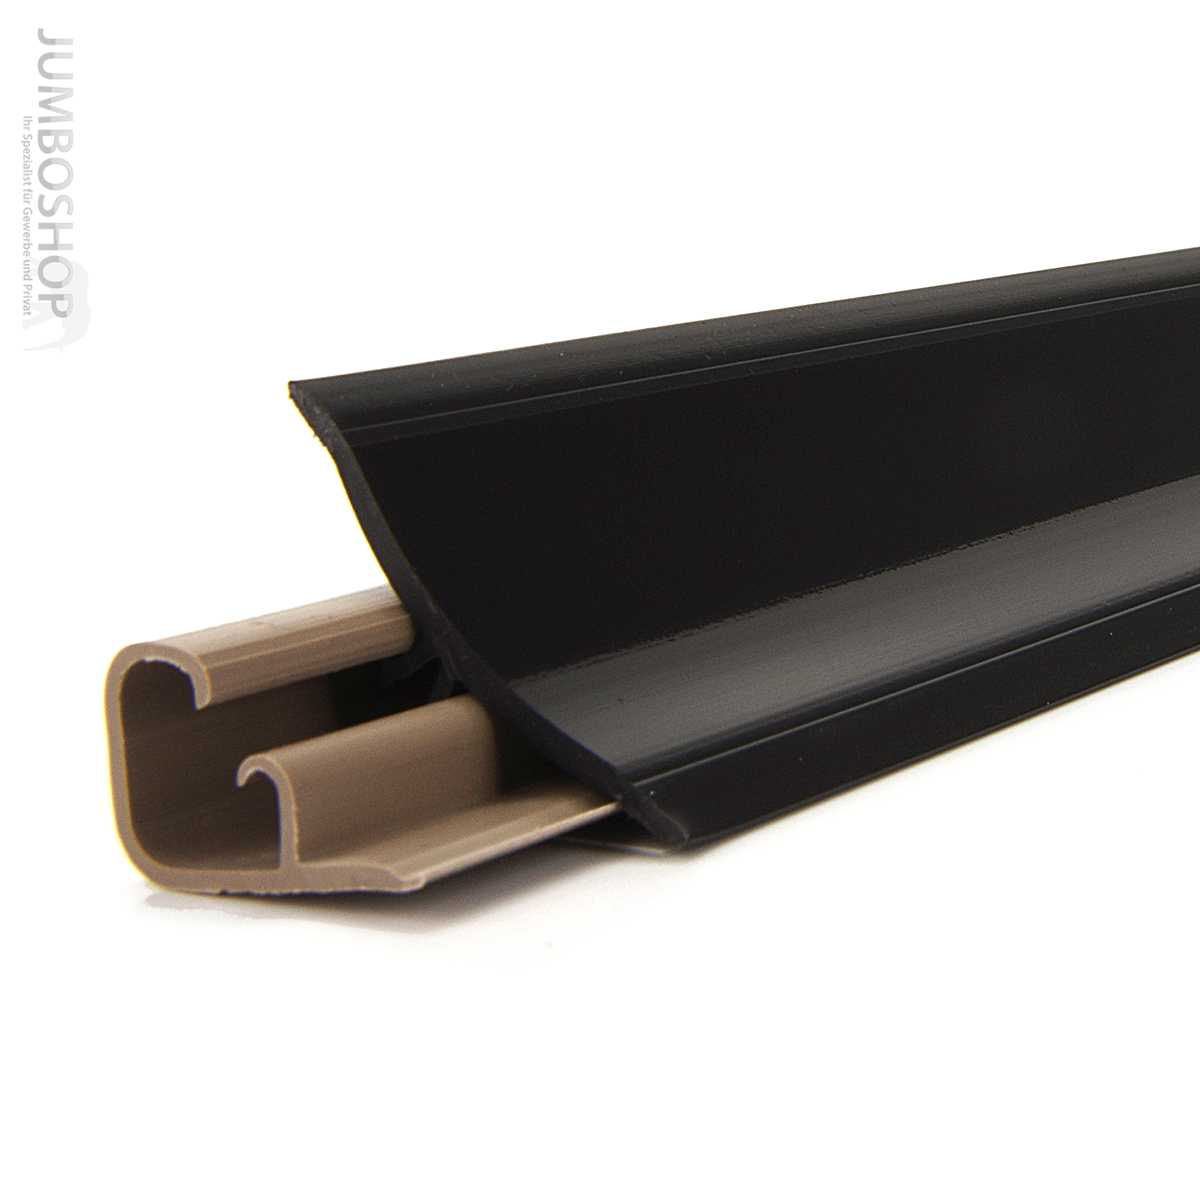 k chenarbeitsplatte leiste swalif. Black Bedroom Furniture Sets. Home Design Ideas